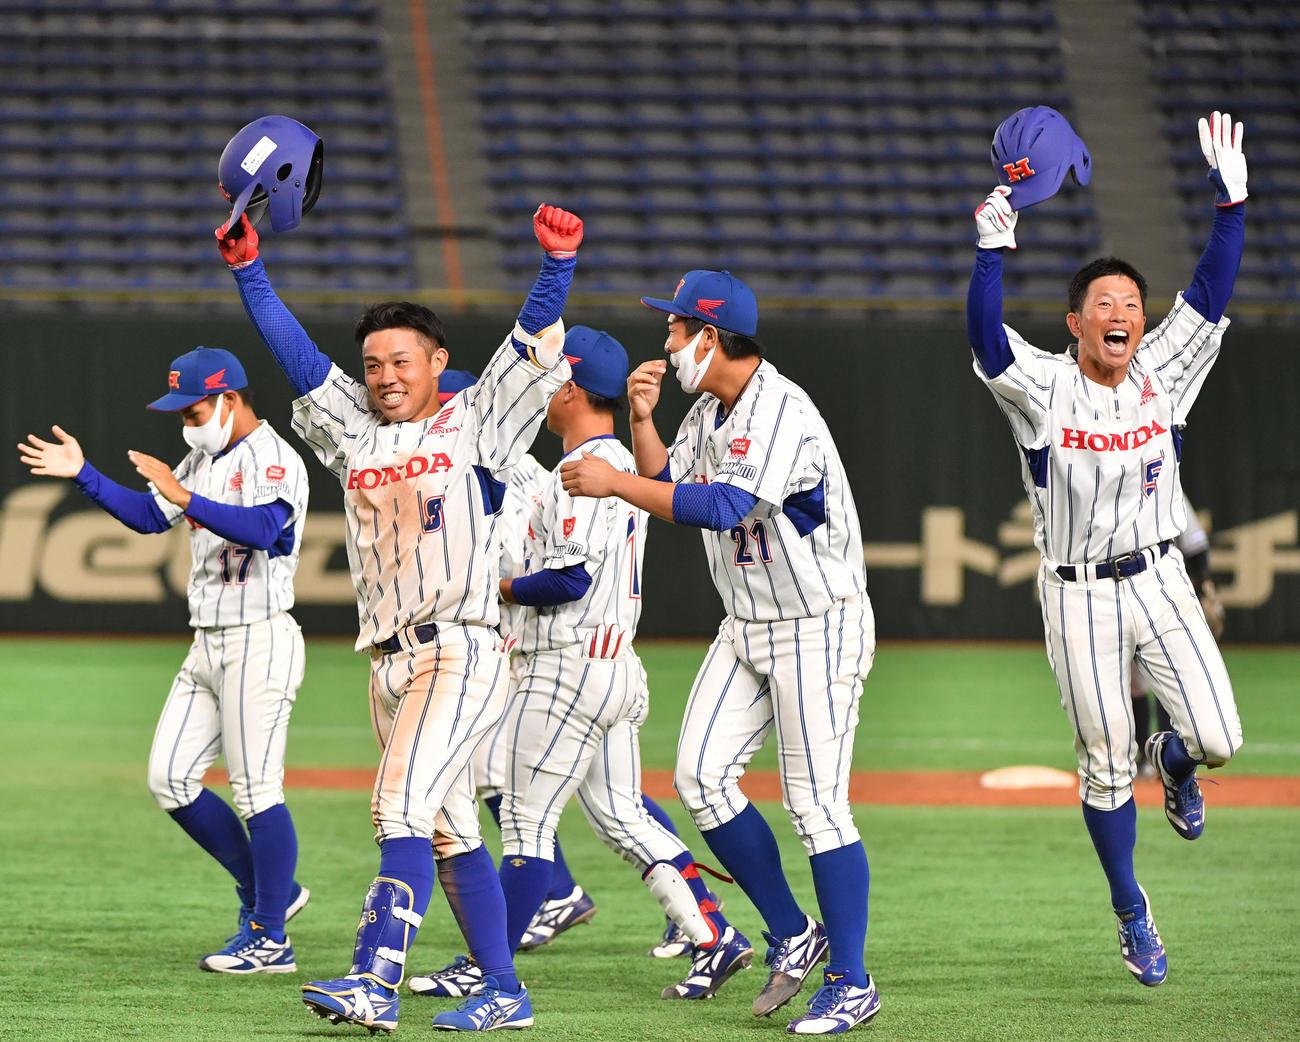 日本通運対ホンダ熊本 タイブレーク10回裏ホンダ熊本2死満塁、和田(左から2人目)は左前にサヨナラ打を放ちガッツポーズする(撮影・柴田隆二)